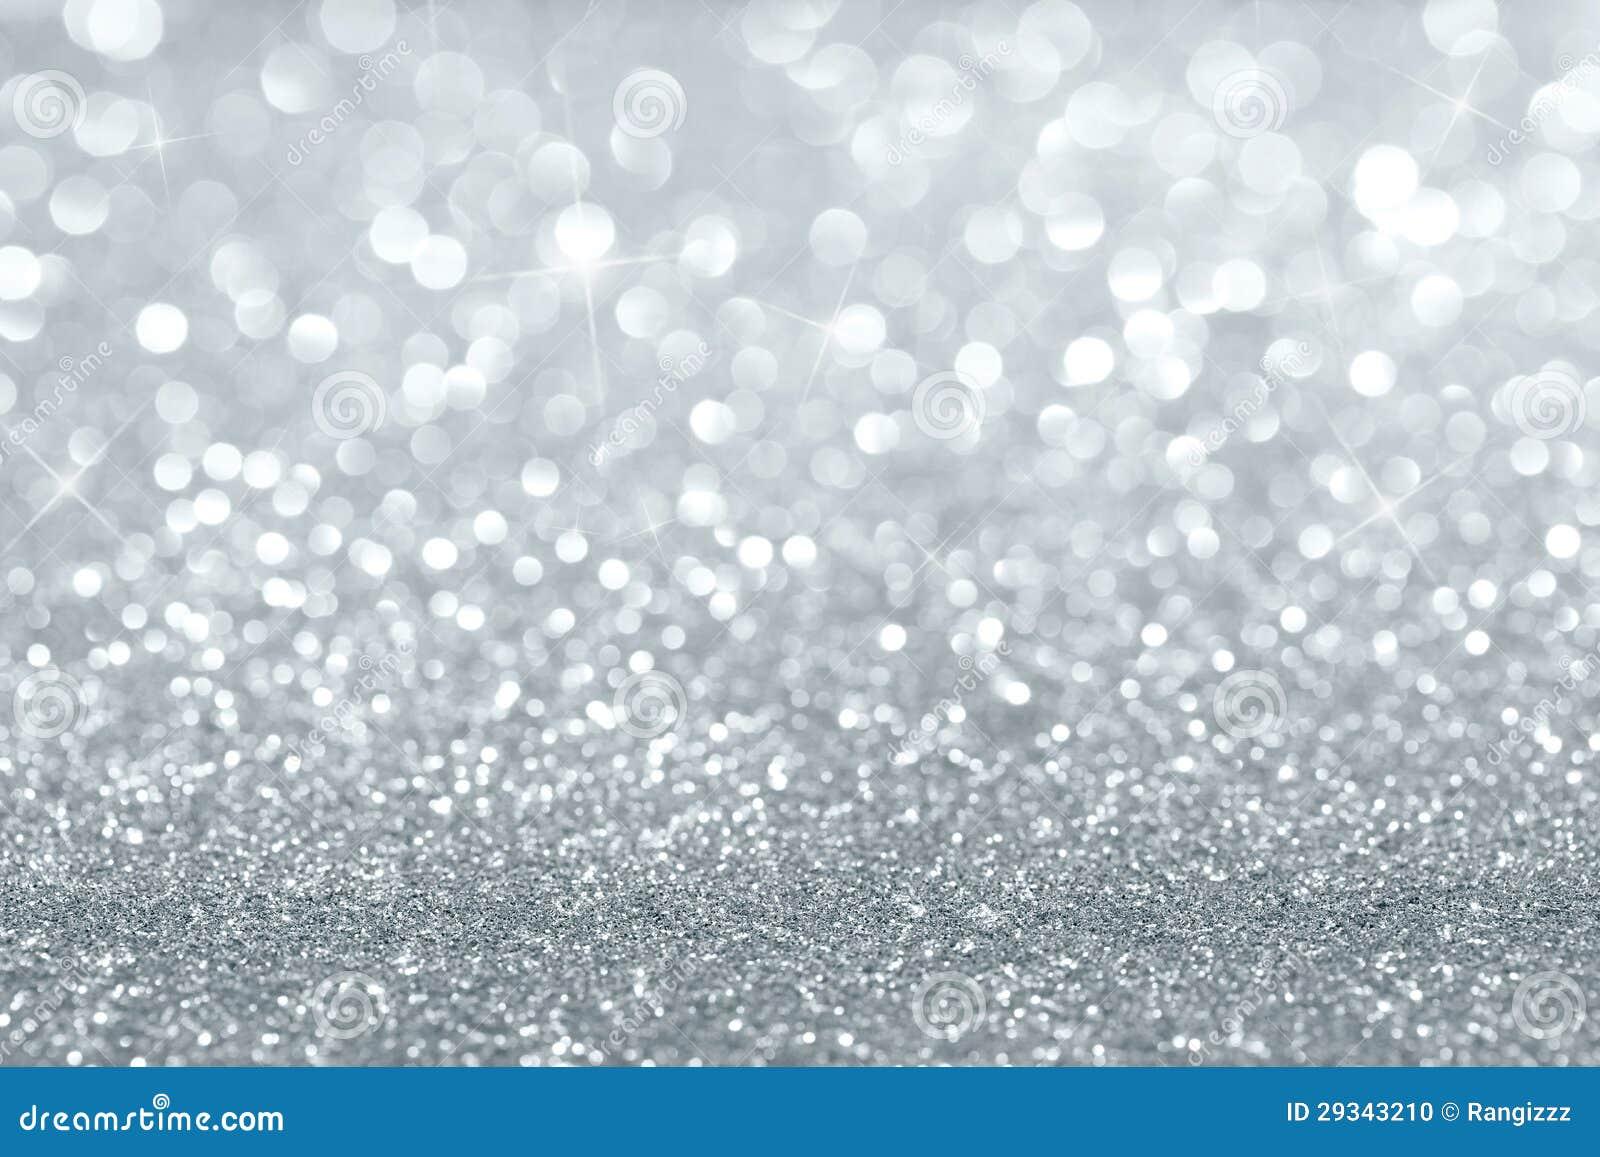 Het zilver schittert achtergrond